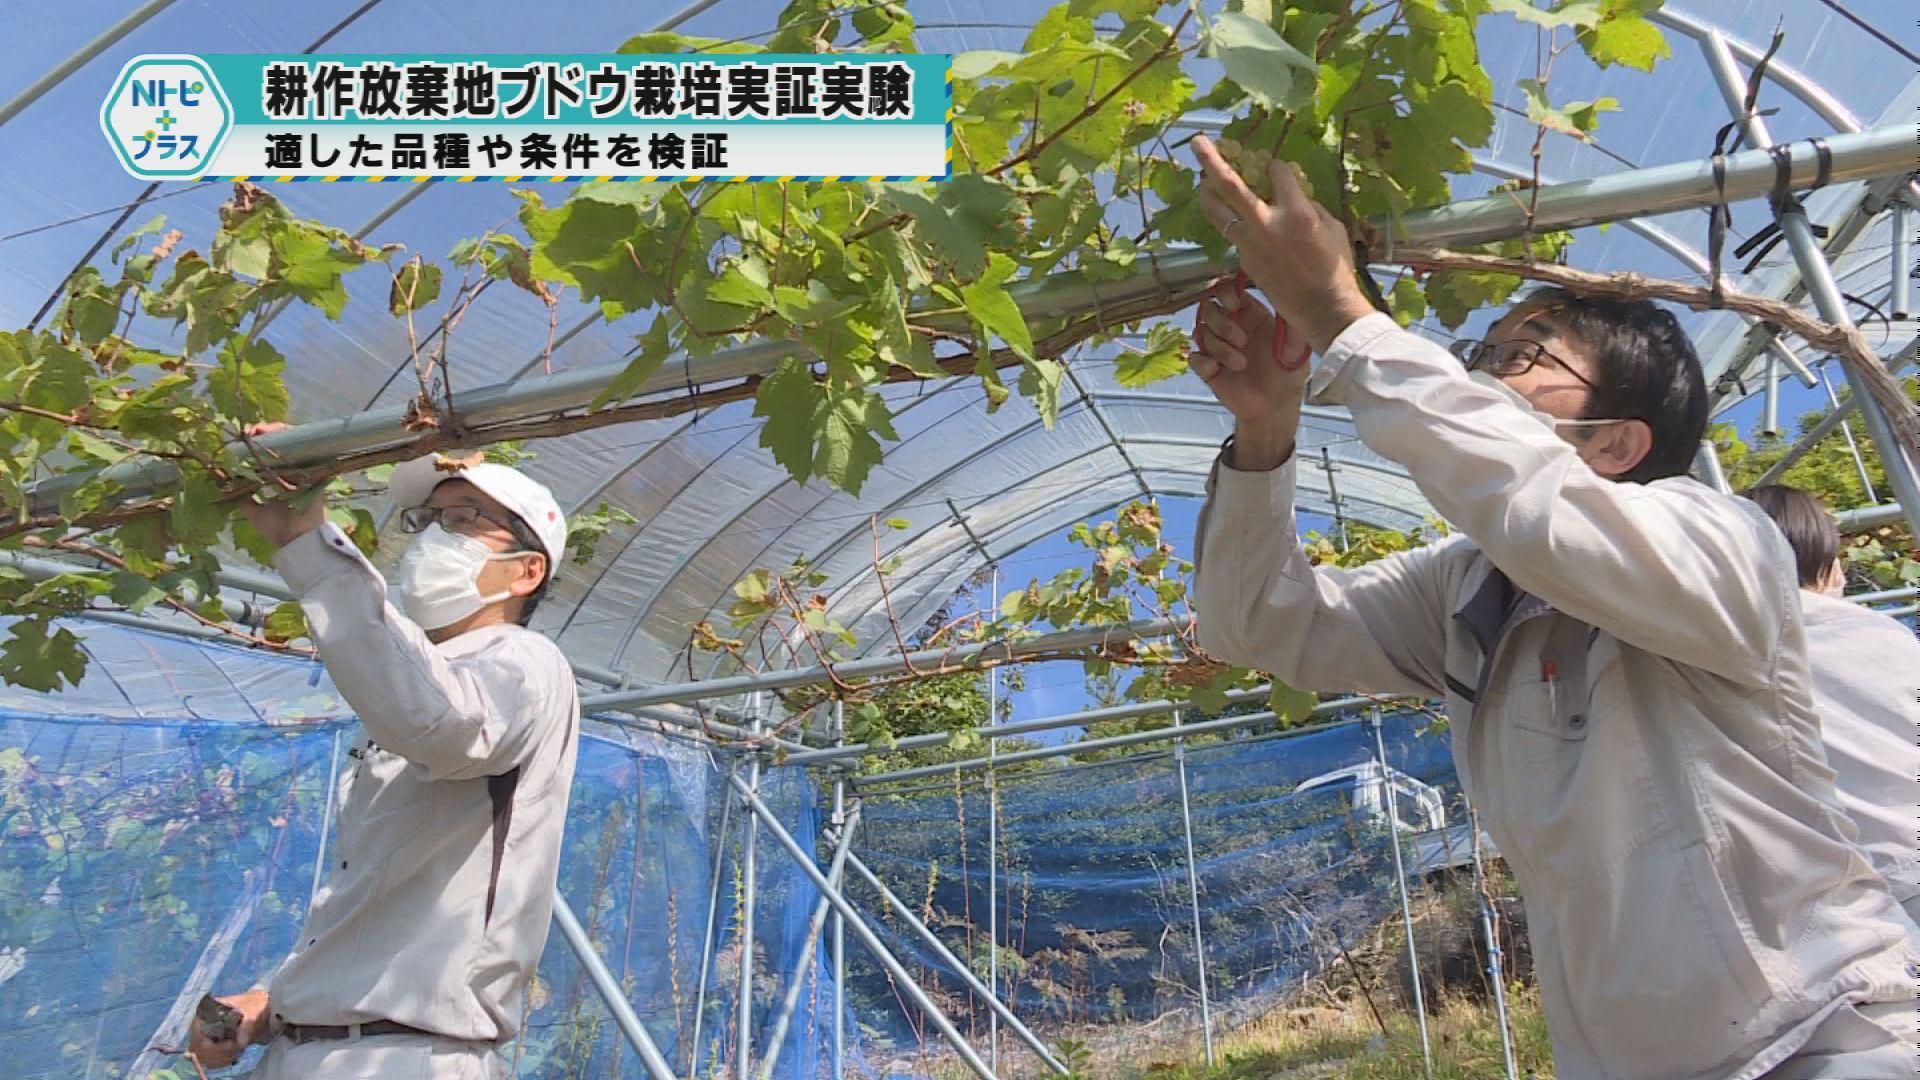 「耕作放棄地ブドウ栽培実証実験」適した品種や栽培方法を検証